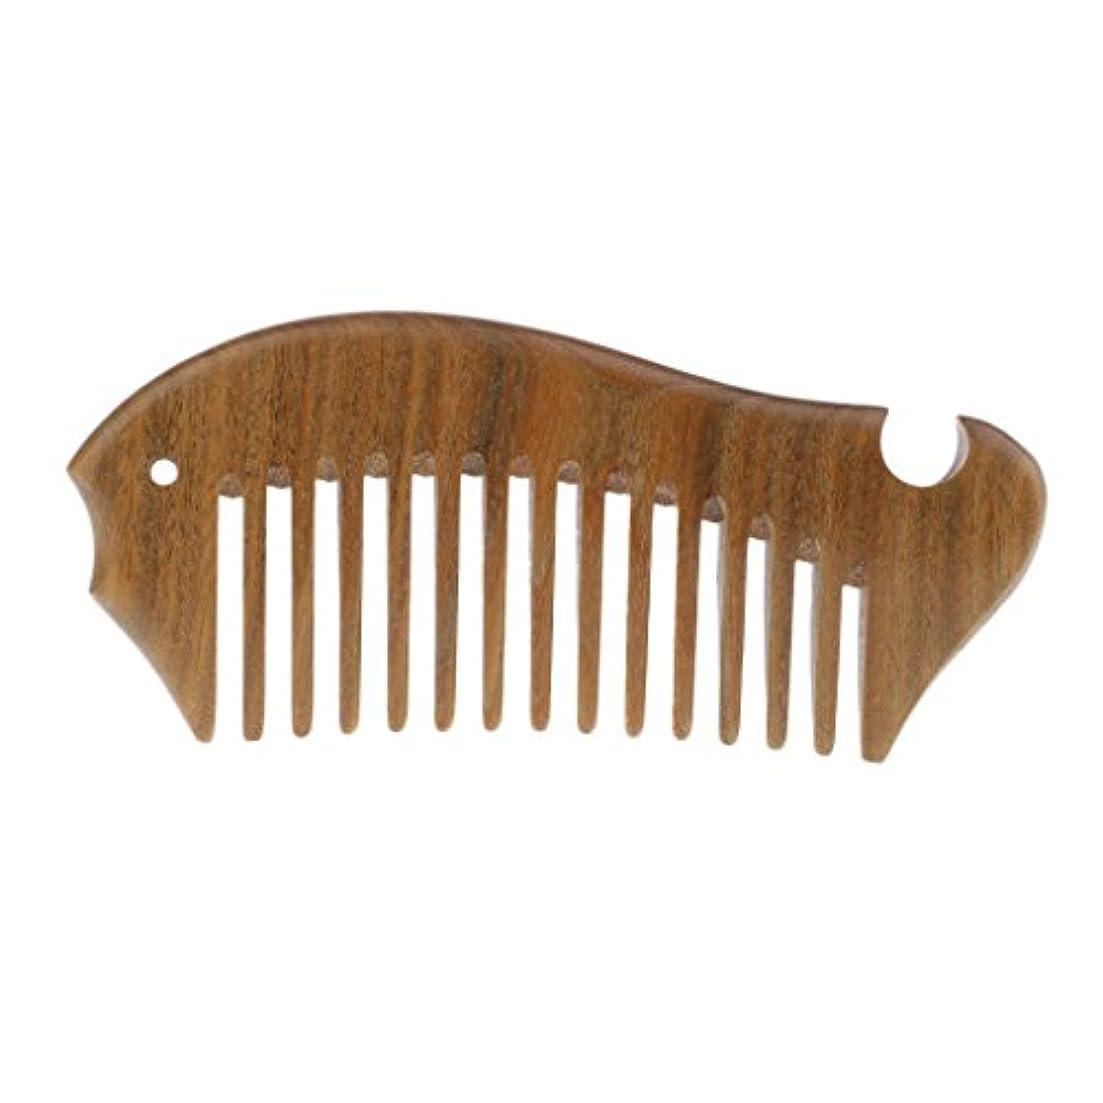 フルーティー君主制説得力のあるgazechimp 木製櫛 帯電防止櫛 ヘアコーム 頭皮 ケア マッサージ